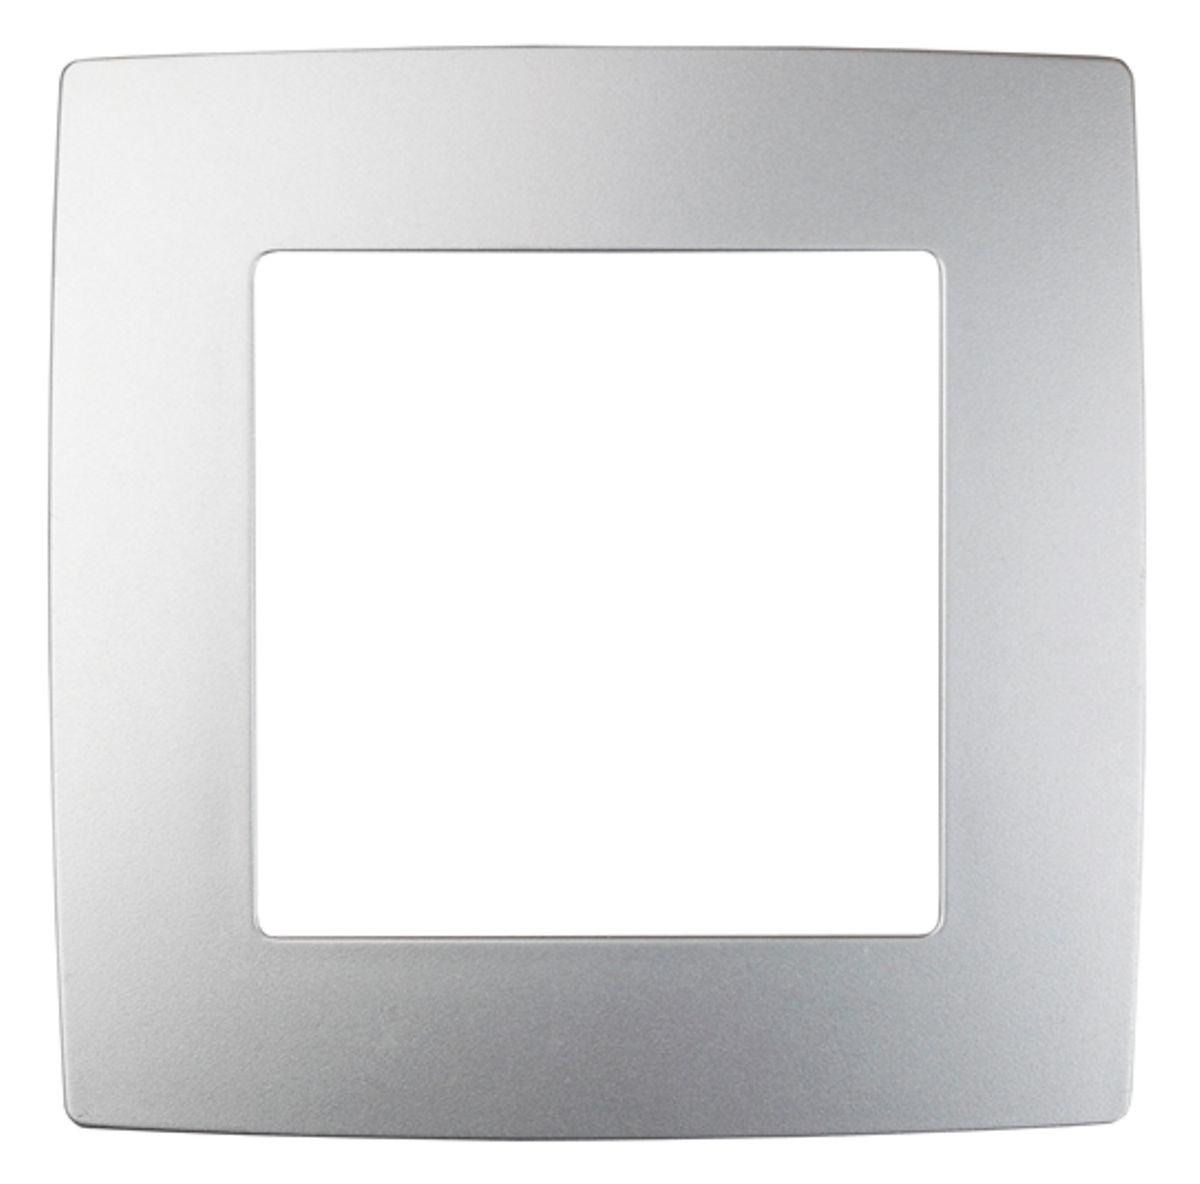 Рамка для встраиваемой розетки Эра, на 1 пост, цвет: алюминий12-5001-03Рамка Эра выполнена из пластика и используется для окантовки встраиваемой розетки. Рамка отвечает основным требованиям безопасности и удобства монтажа. Современный дизайн и элегантная цветовая гамма подойдут к любому интерьеру. Размер рамки: 8 х 8 х 1 см.